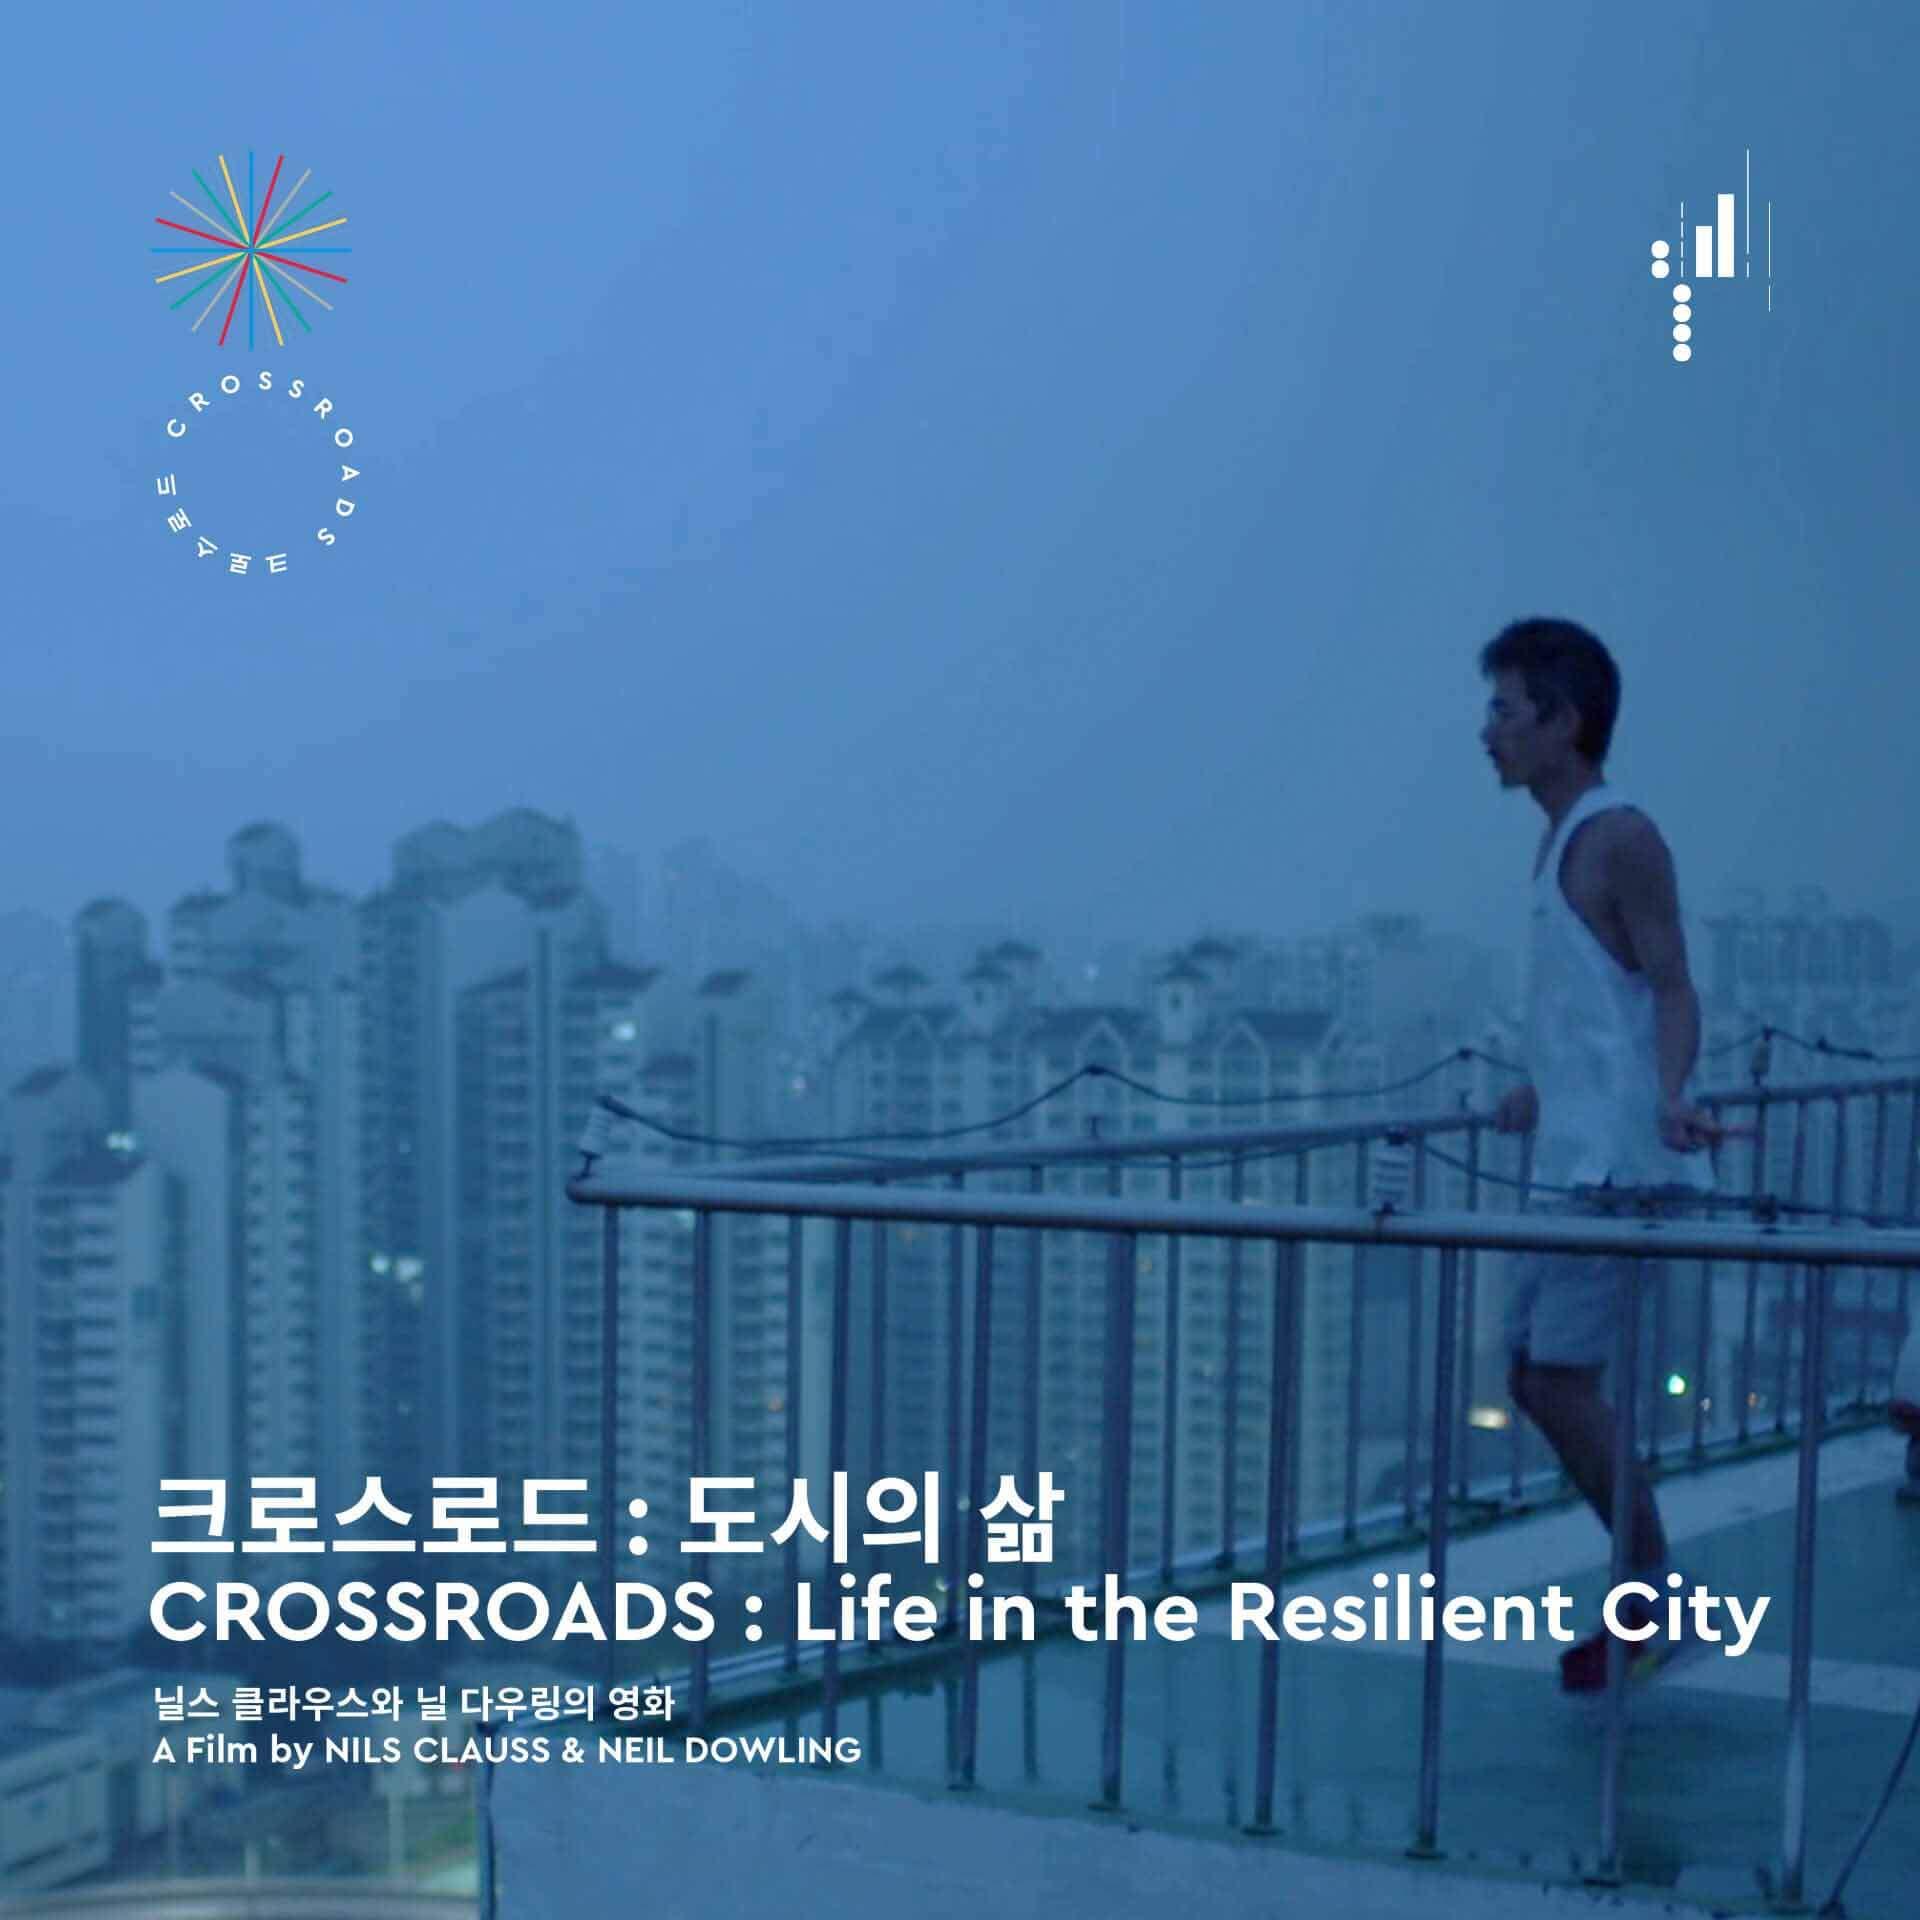 ПЕРЕКРЕСТОК: Жизнь в устойчивом городе Документальный фильм для SBAU 2021 исследует опыт жителей быстро меняющейся городской среды